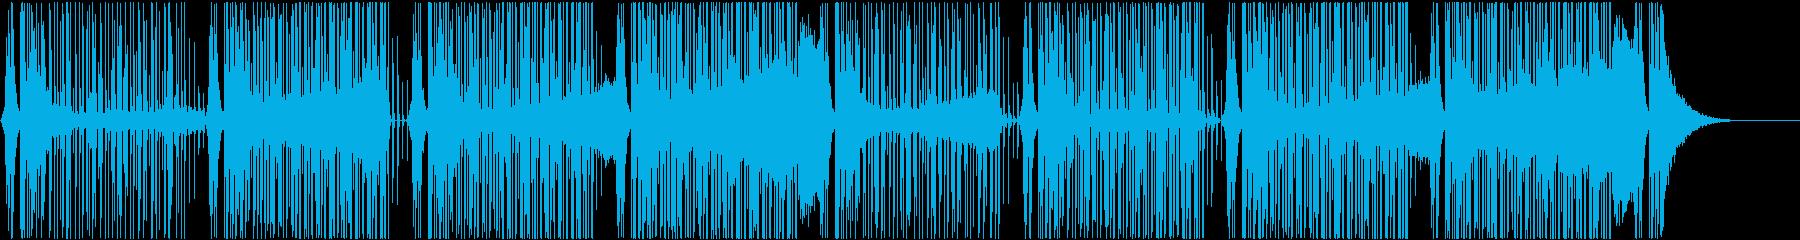 パーカッションと四つ打ちのクールなBGMの再生済みの波形